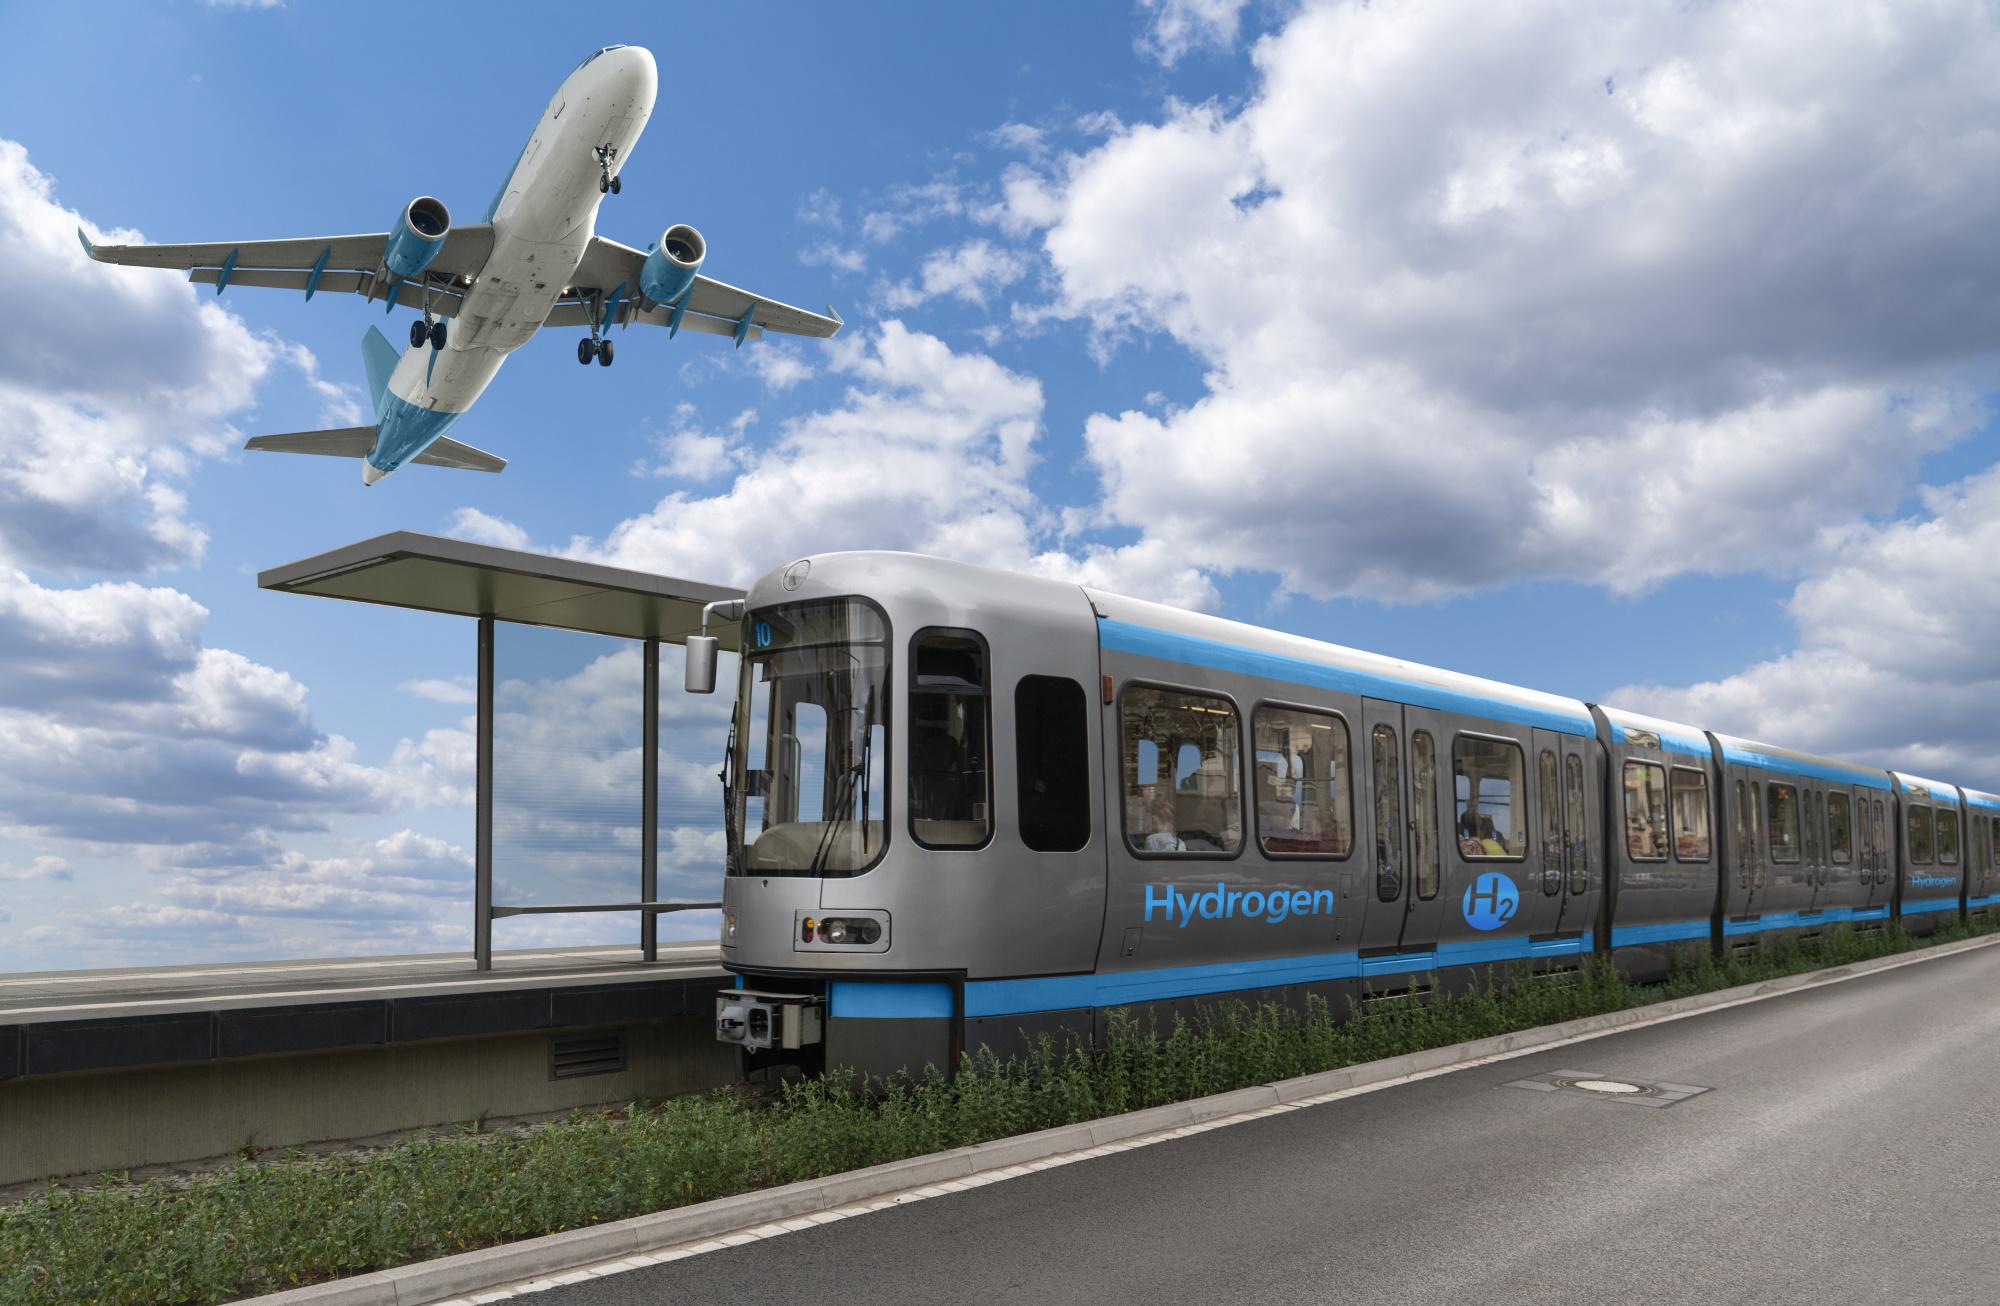 ITAINNOVA participa en ENTRANCE, una plataforma europea de servicios y herramientas relacionadas con soluciones innovadoras de movilidad y transporte